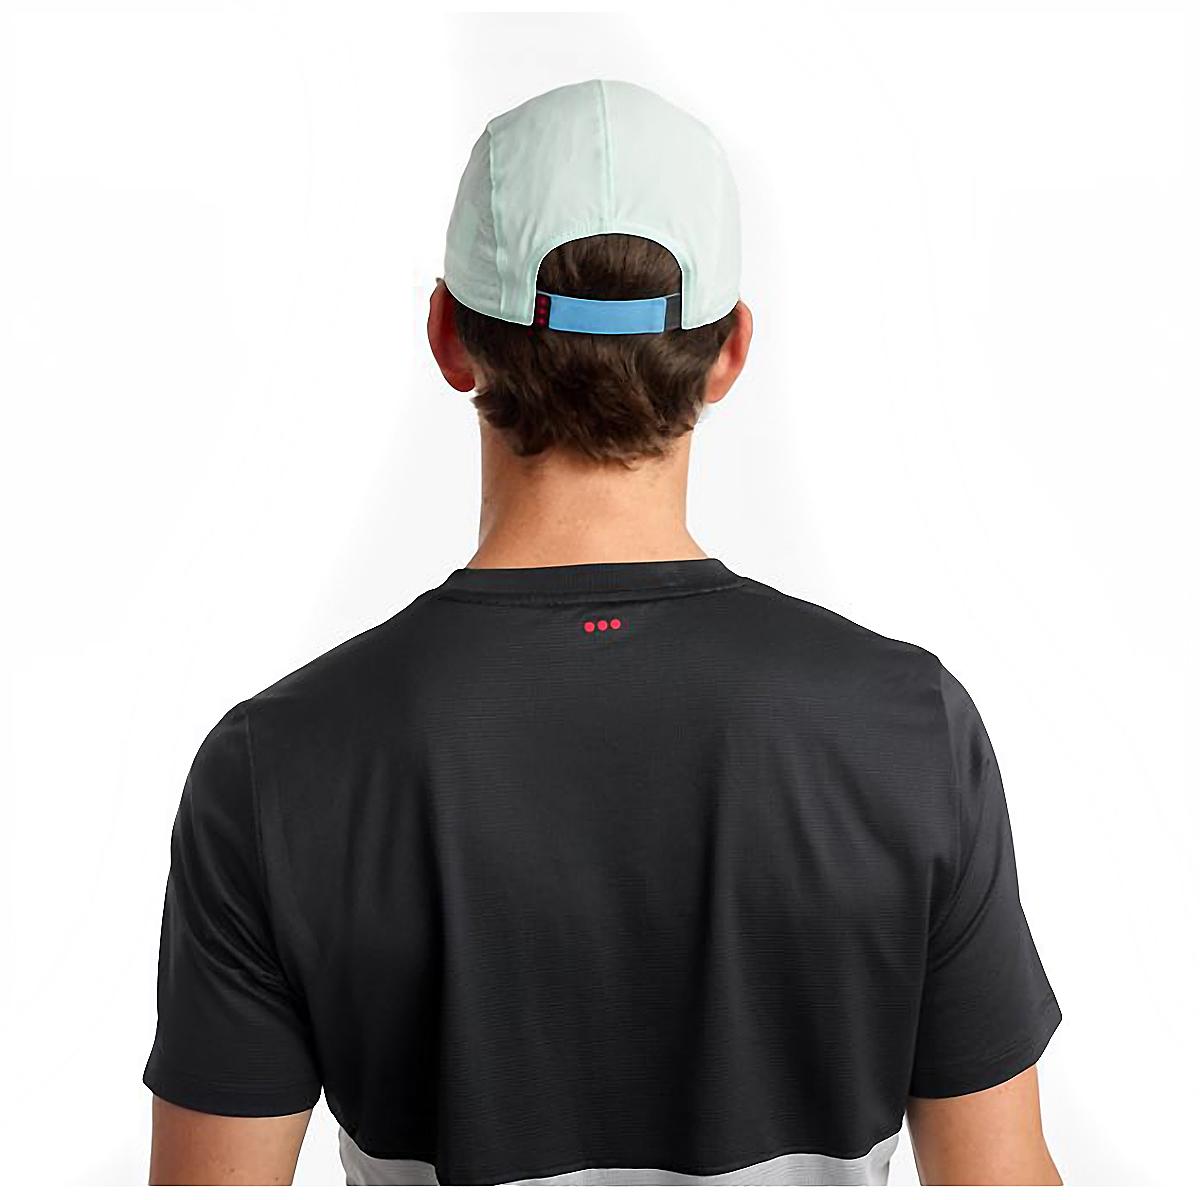 Saucony Outpace Hat - Color: Bonnie Blue, Bonnie Blue, large, image 4